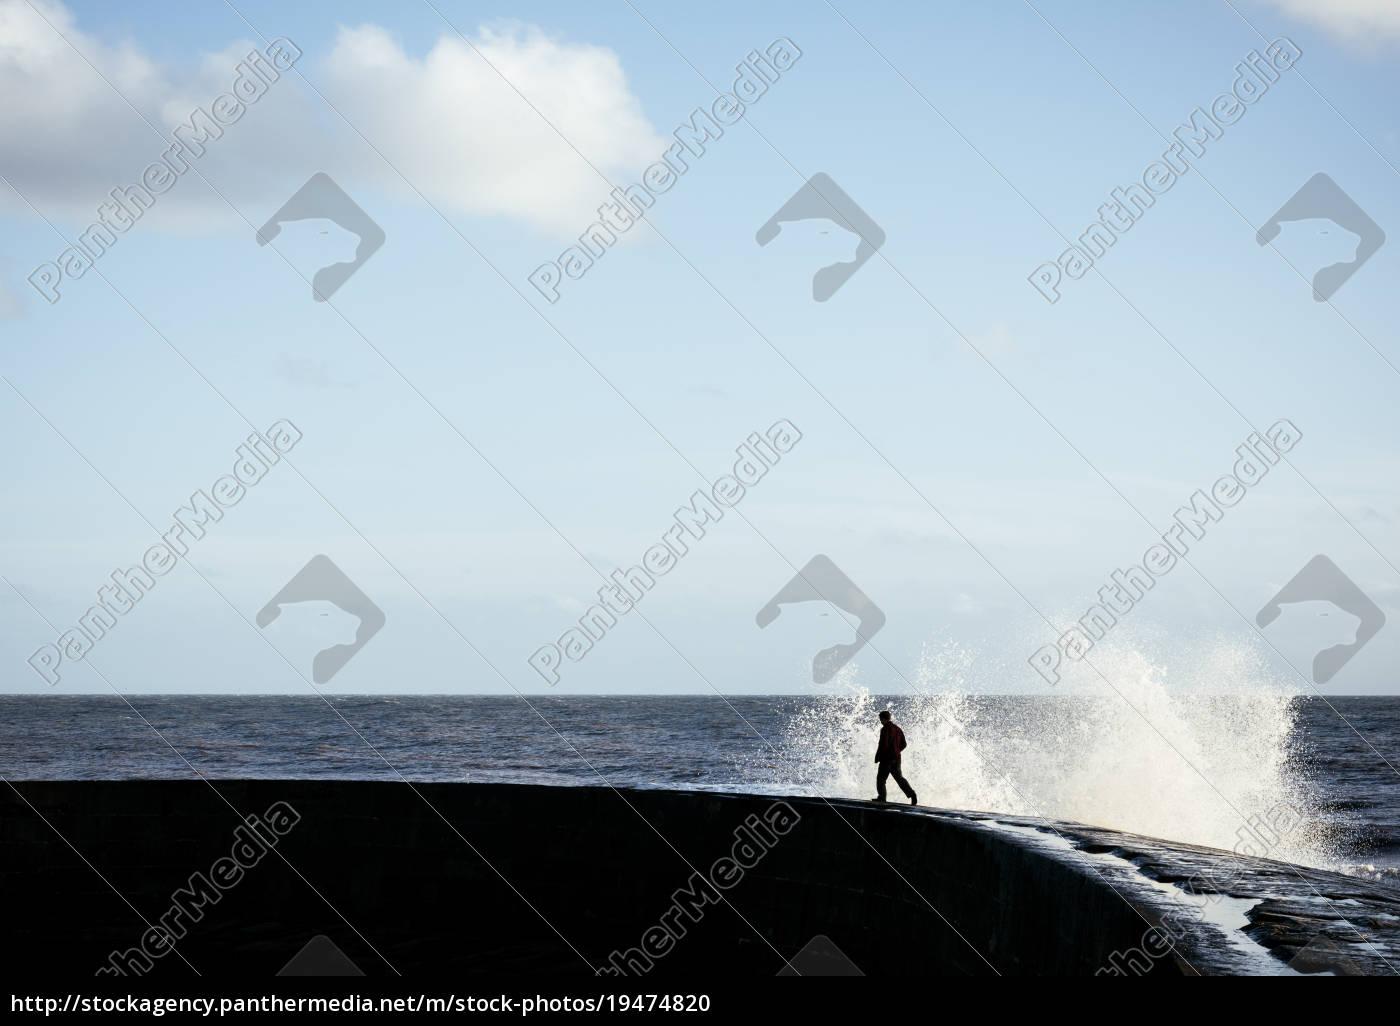 person, der, løber, væk, fra, sprøjt, wave - 19474820